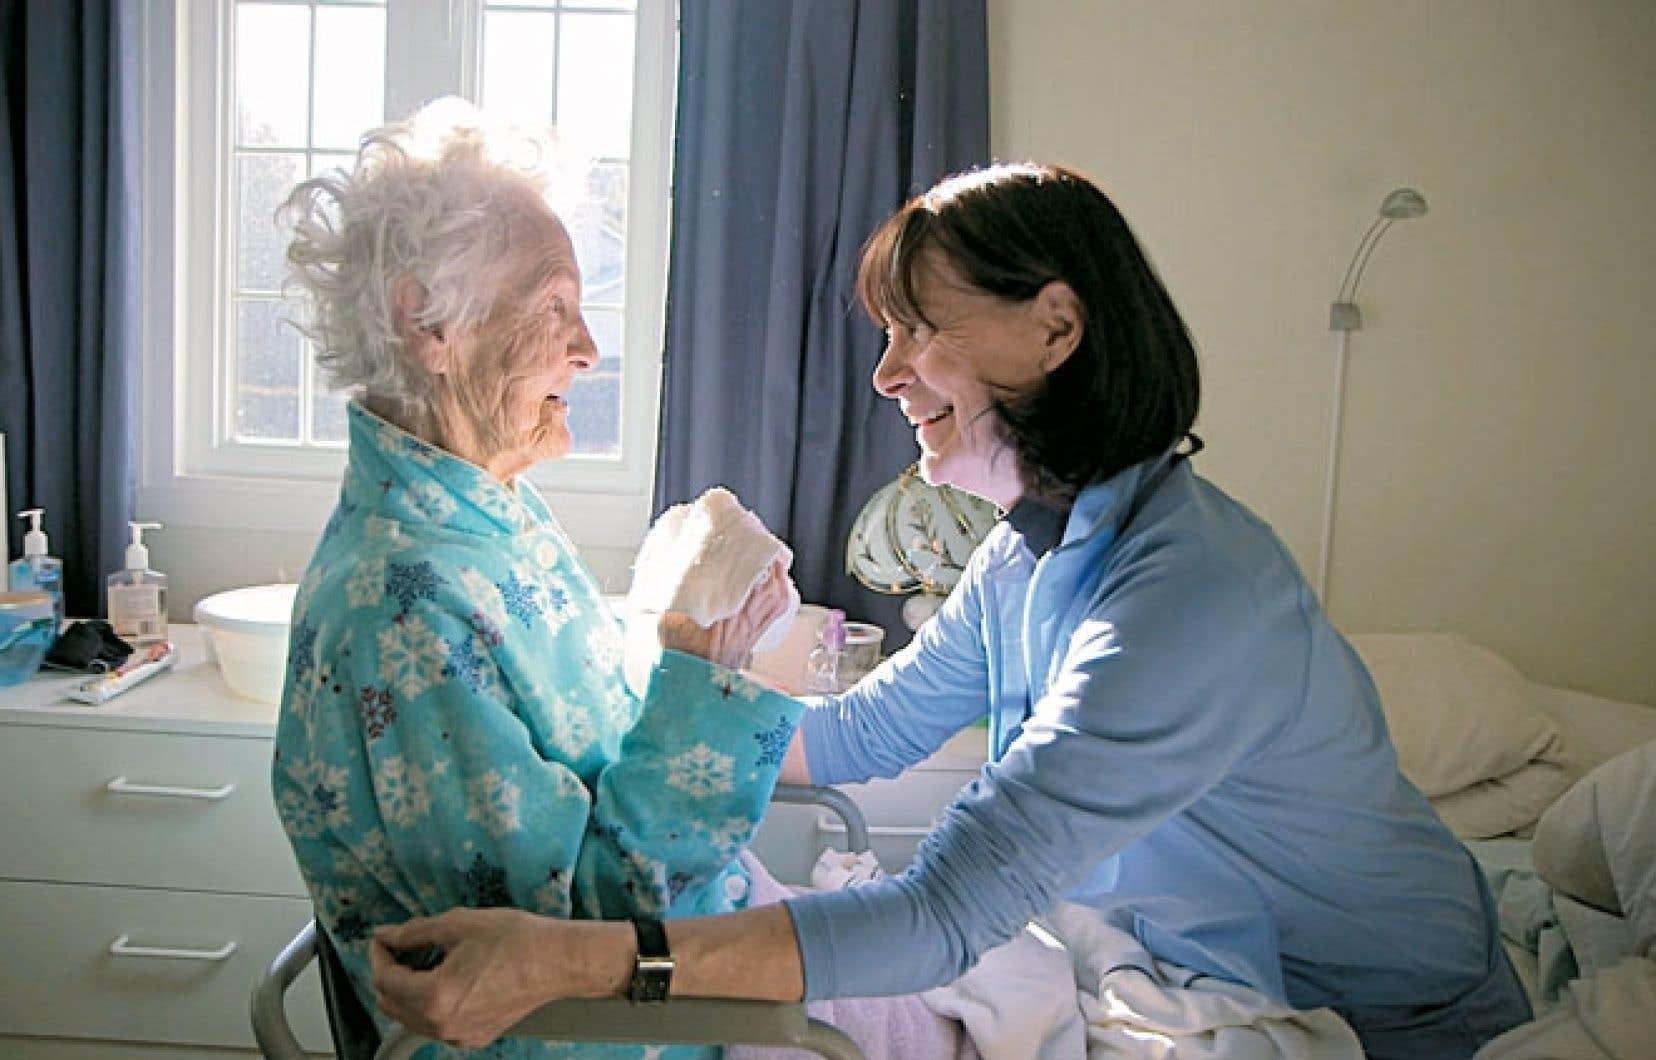 Le film de Caroline Vadeboncoeur et Sylvie Rosenthal est le cri du coeur des proches aidants pour un soutien concret. Sur la photo, Louise prend soin de sa mère Thérèse.